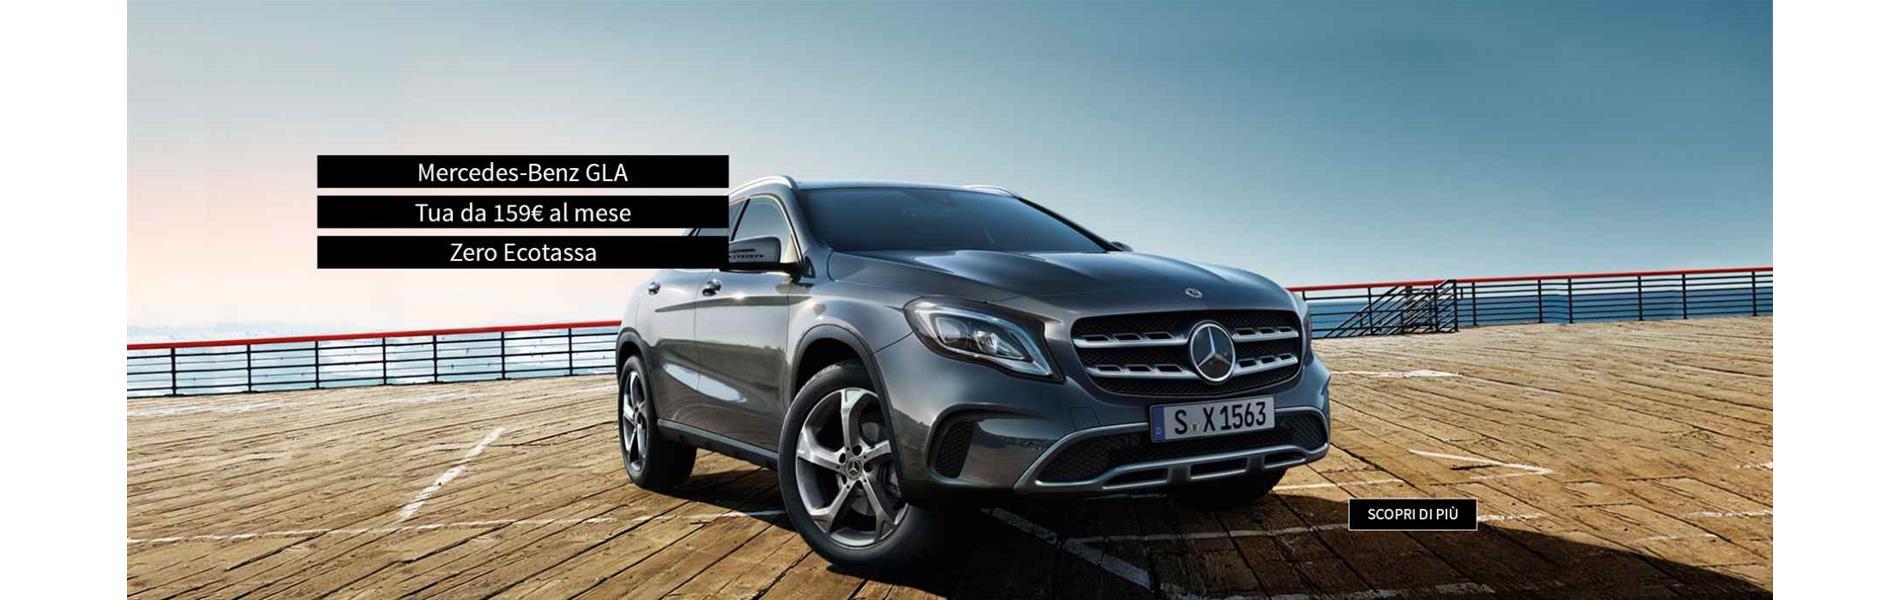 304c61aa3e Guidi Car | Concessionaria Mercedes Smart Kia Volvo